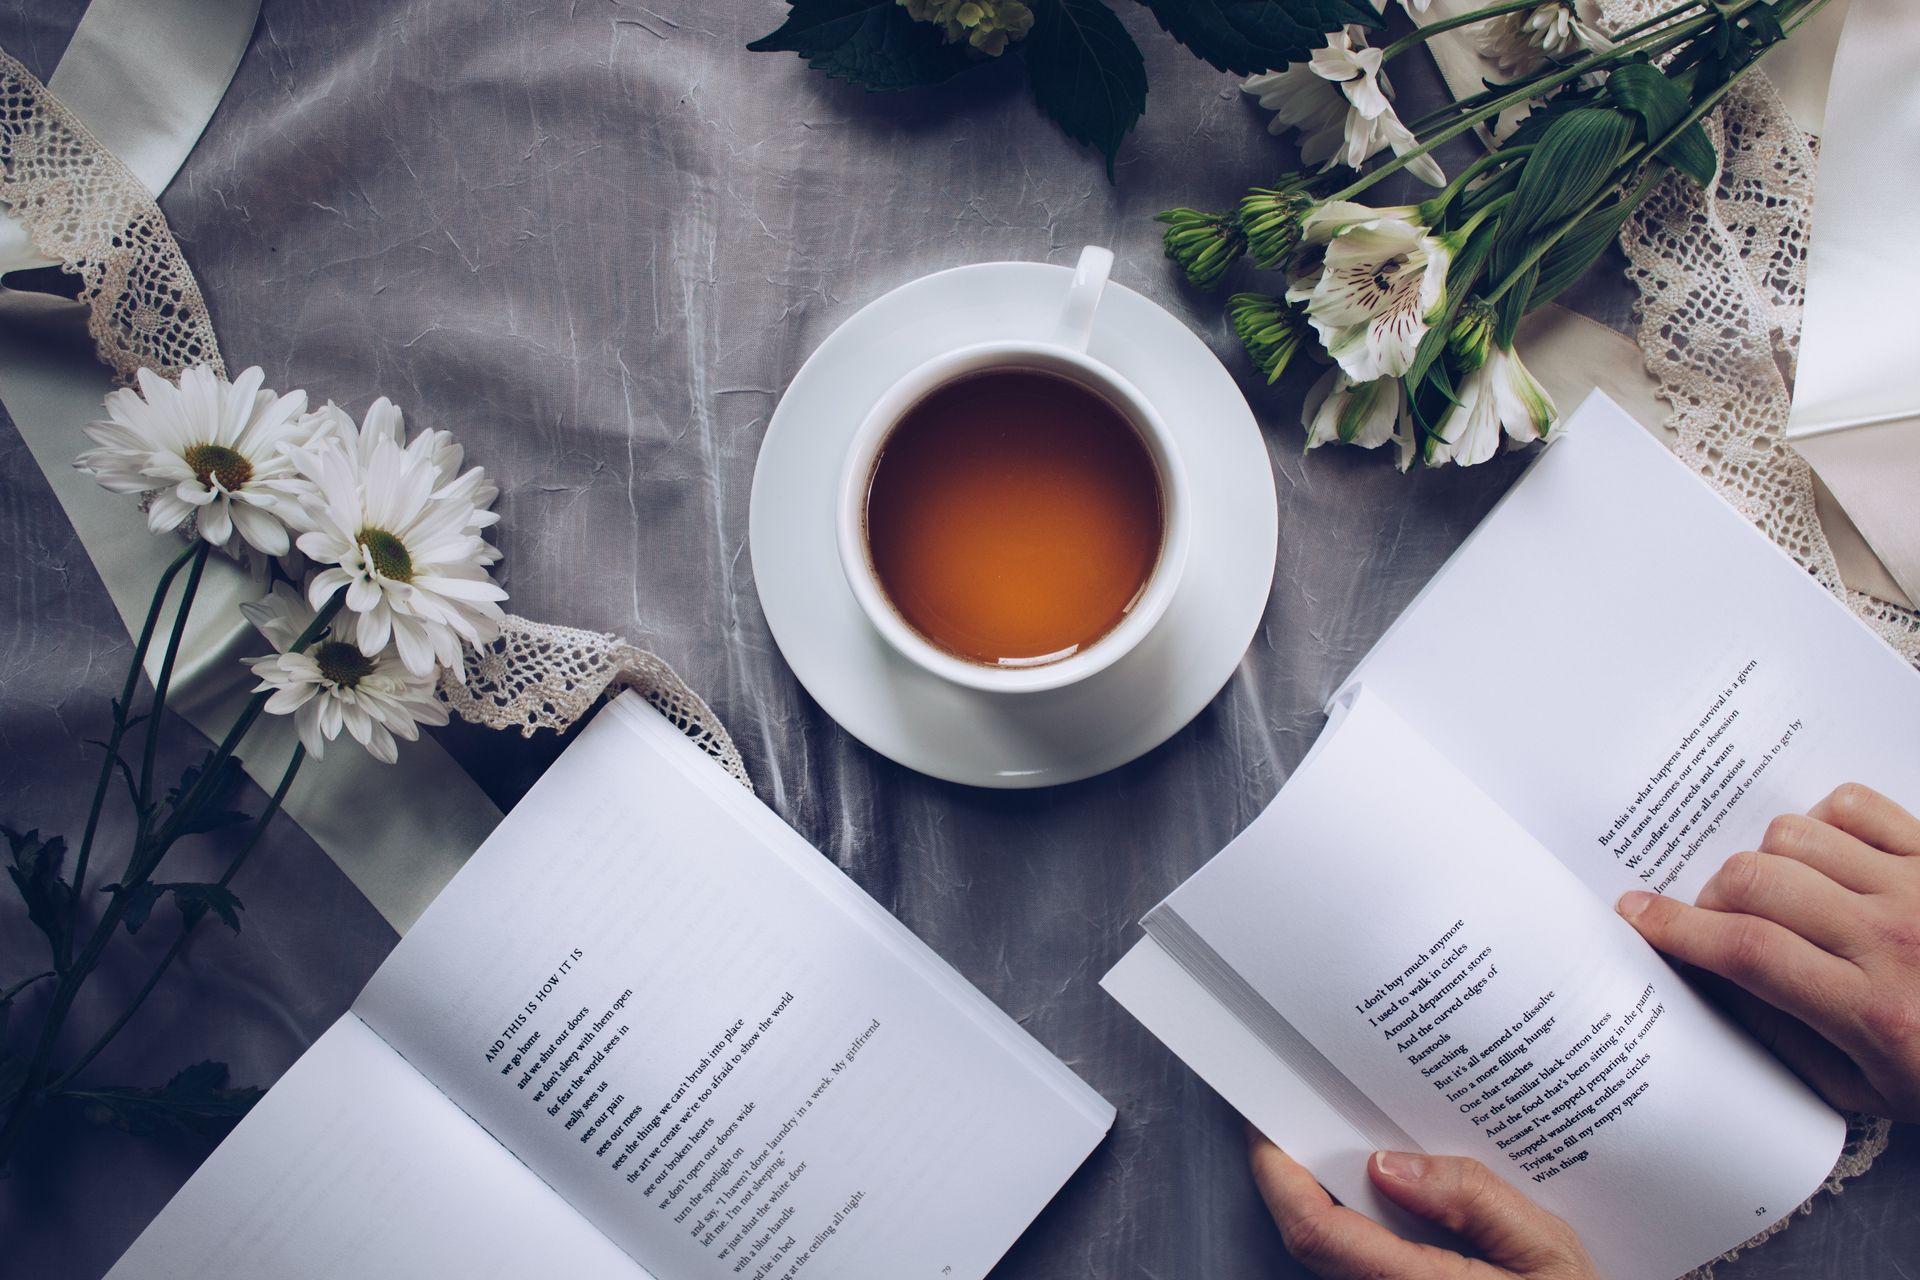 Dekorierter Tisch mit Teetasse und aufgeschlagenen Büchern